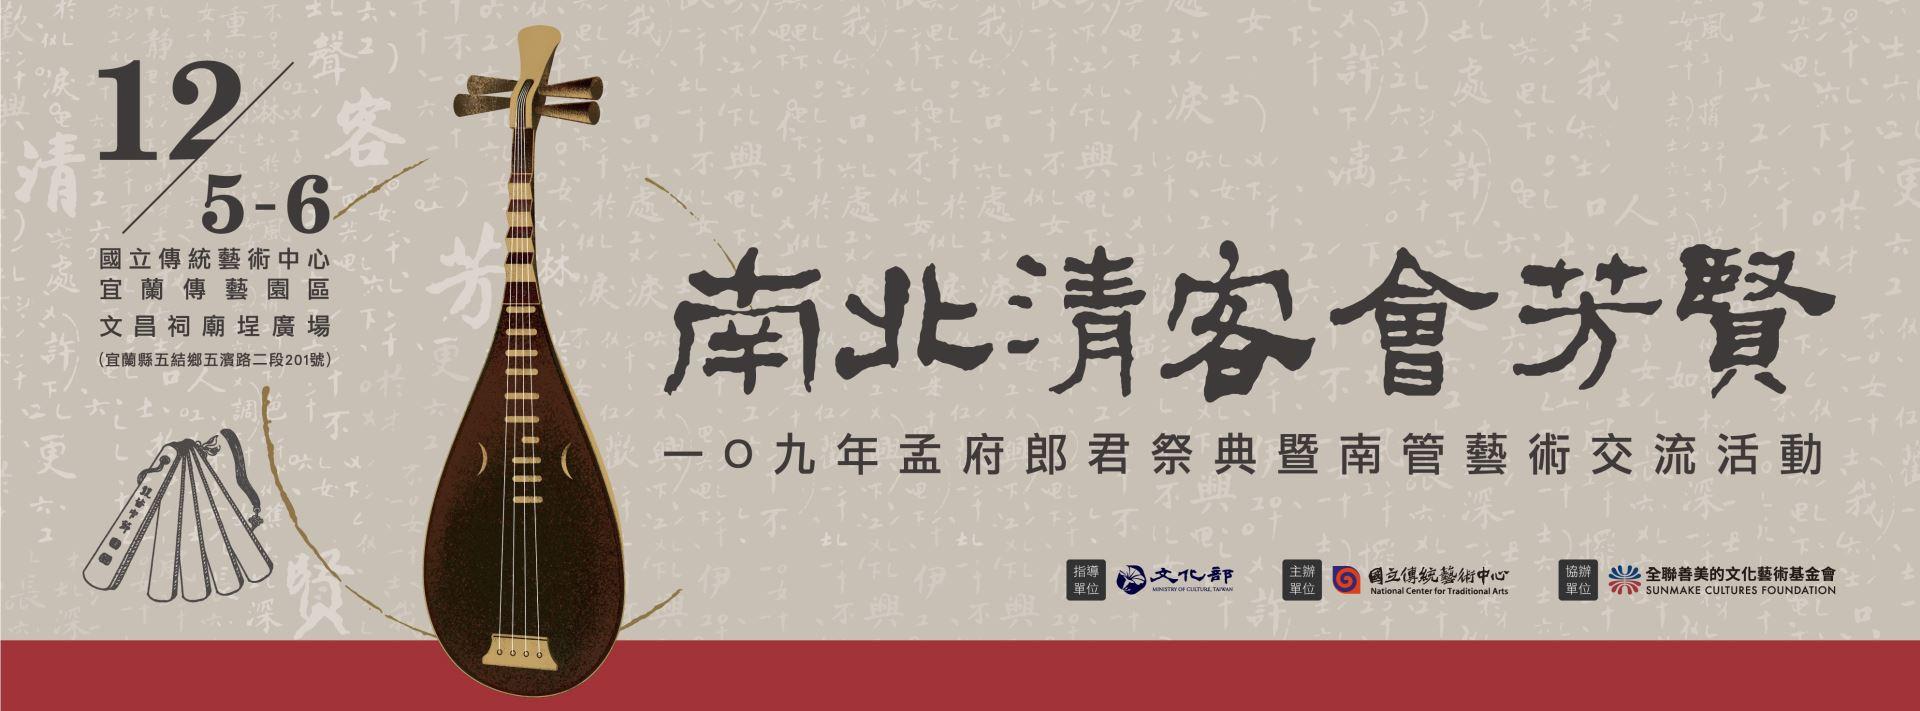 109年孟府郎君祭典暨南管藝術交流活動 「另開新視窗」